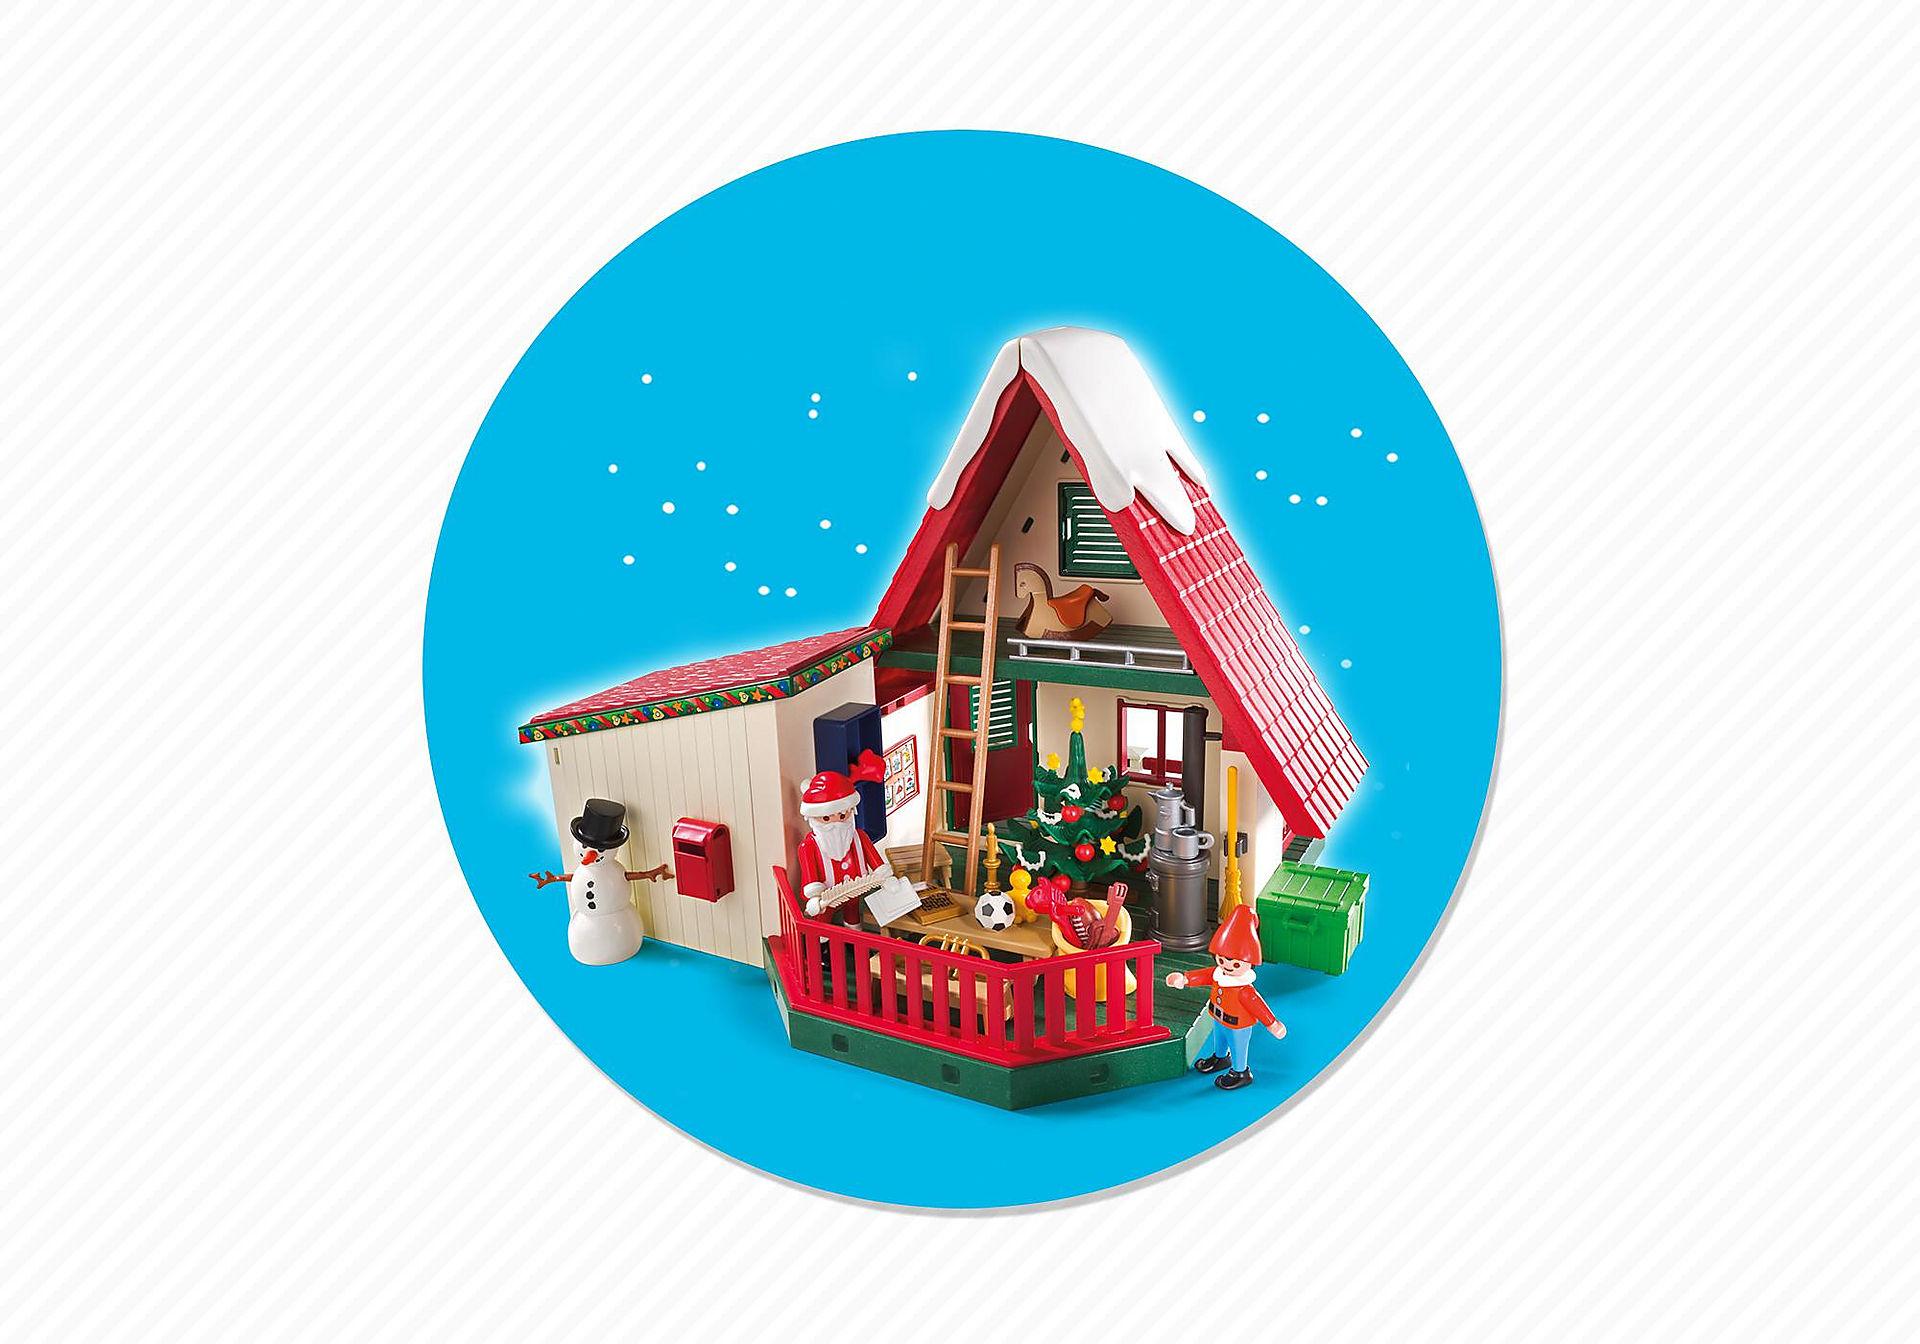 5976 La dimora di Babbo Natale zoom image8